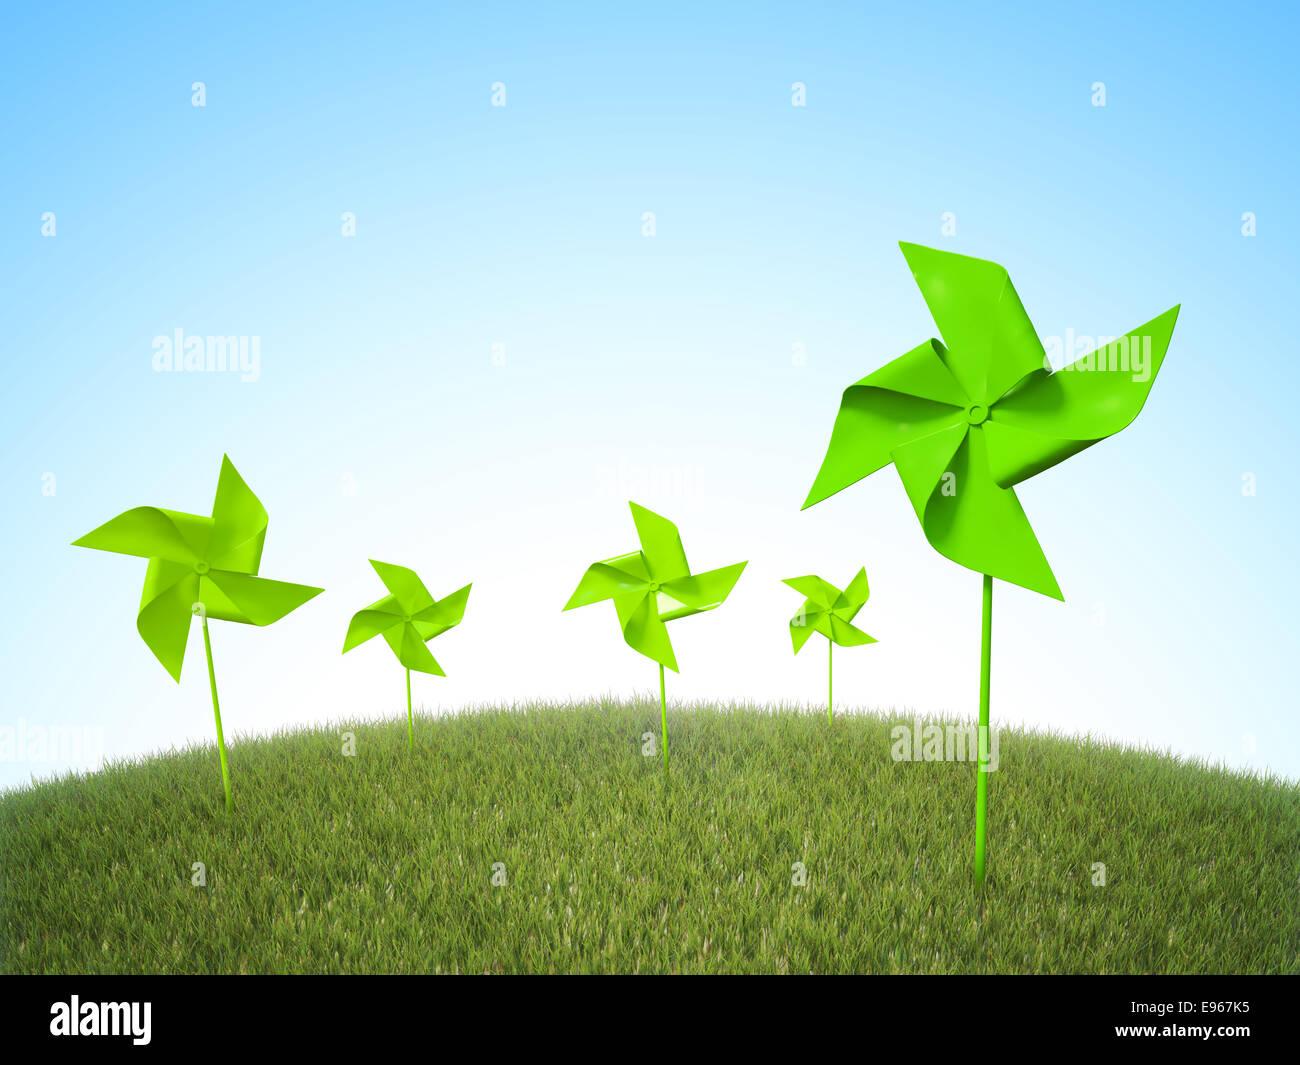 Moulins moulinet dans un champ d'herbe - concept d'énergie renouvelable Photo Stock